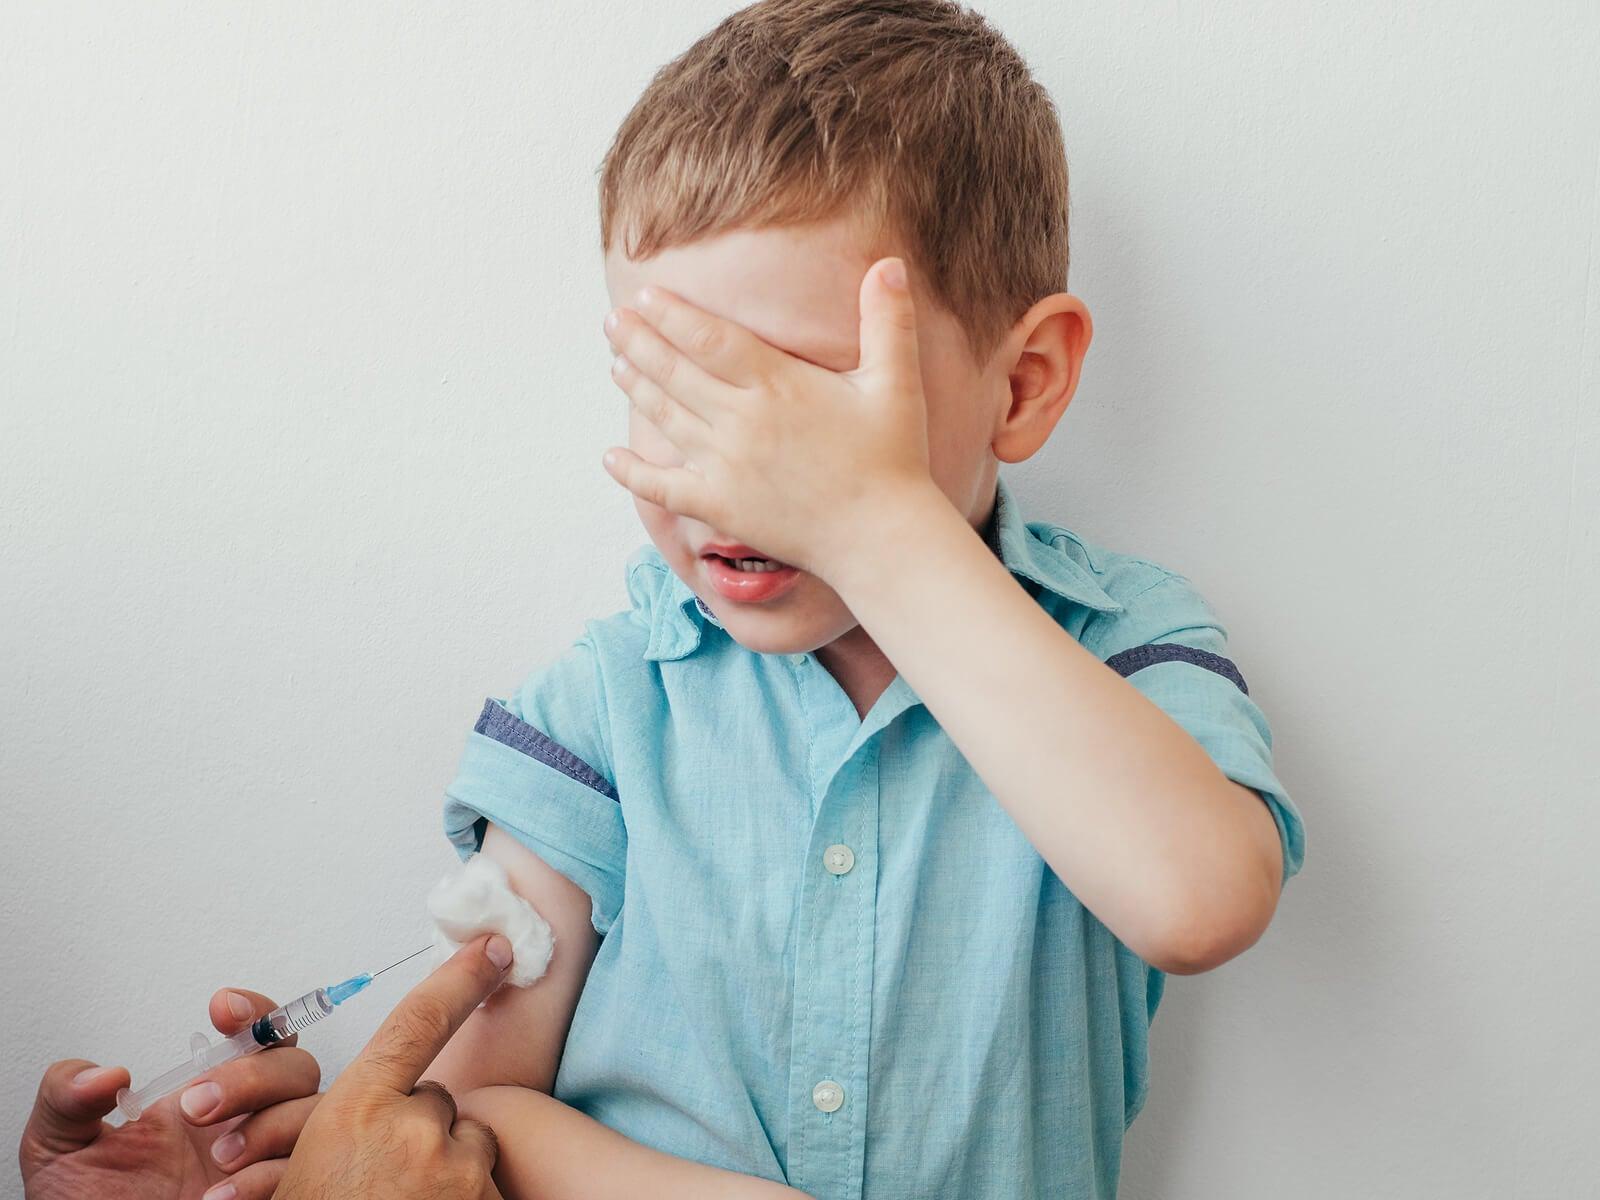 Niño en el pediatra tapándose la cara porque tiene miedo mientras le vacunan.